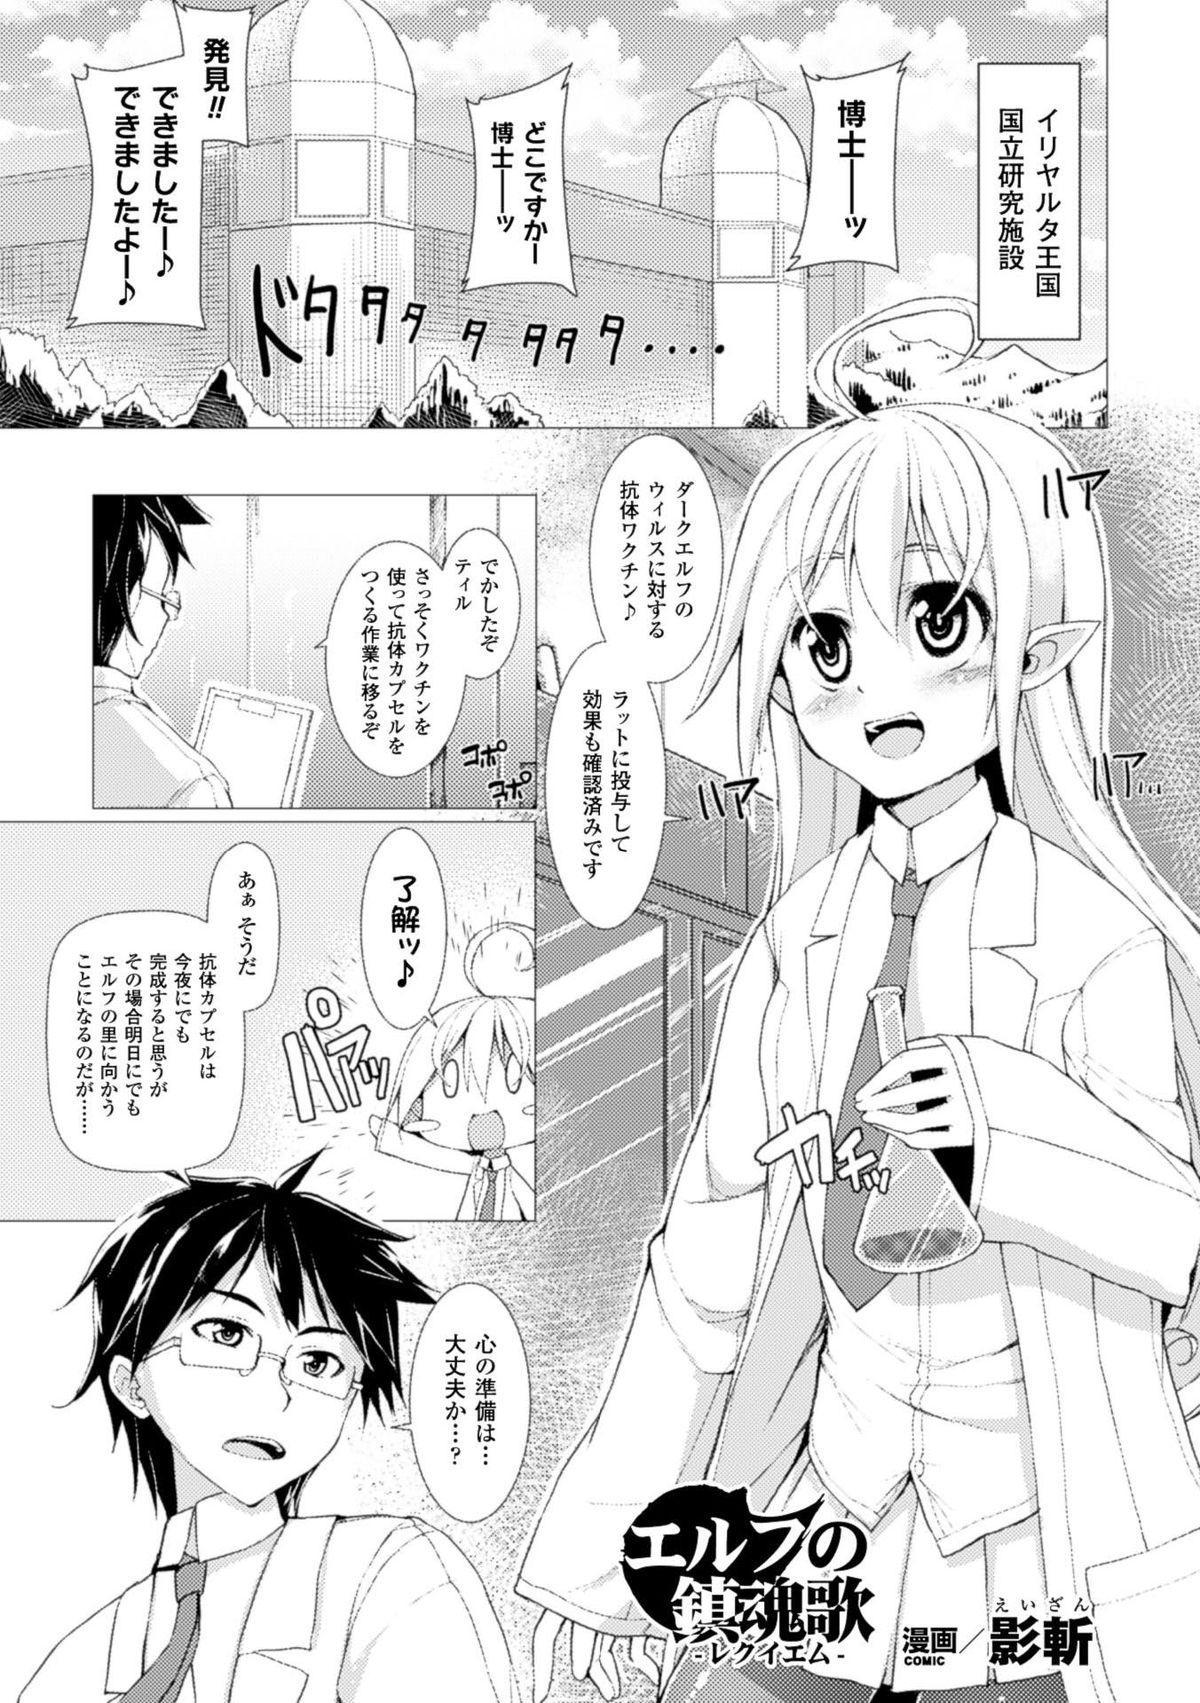 Bessatsu Comic Unreal Inyoku Kansen Hen Vol.2 20